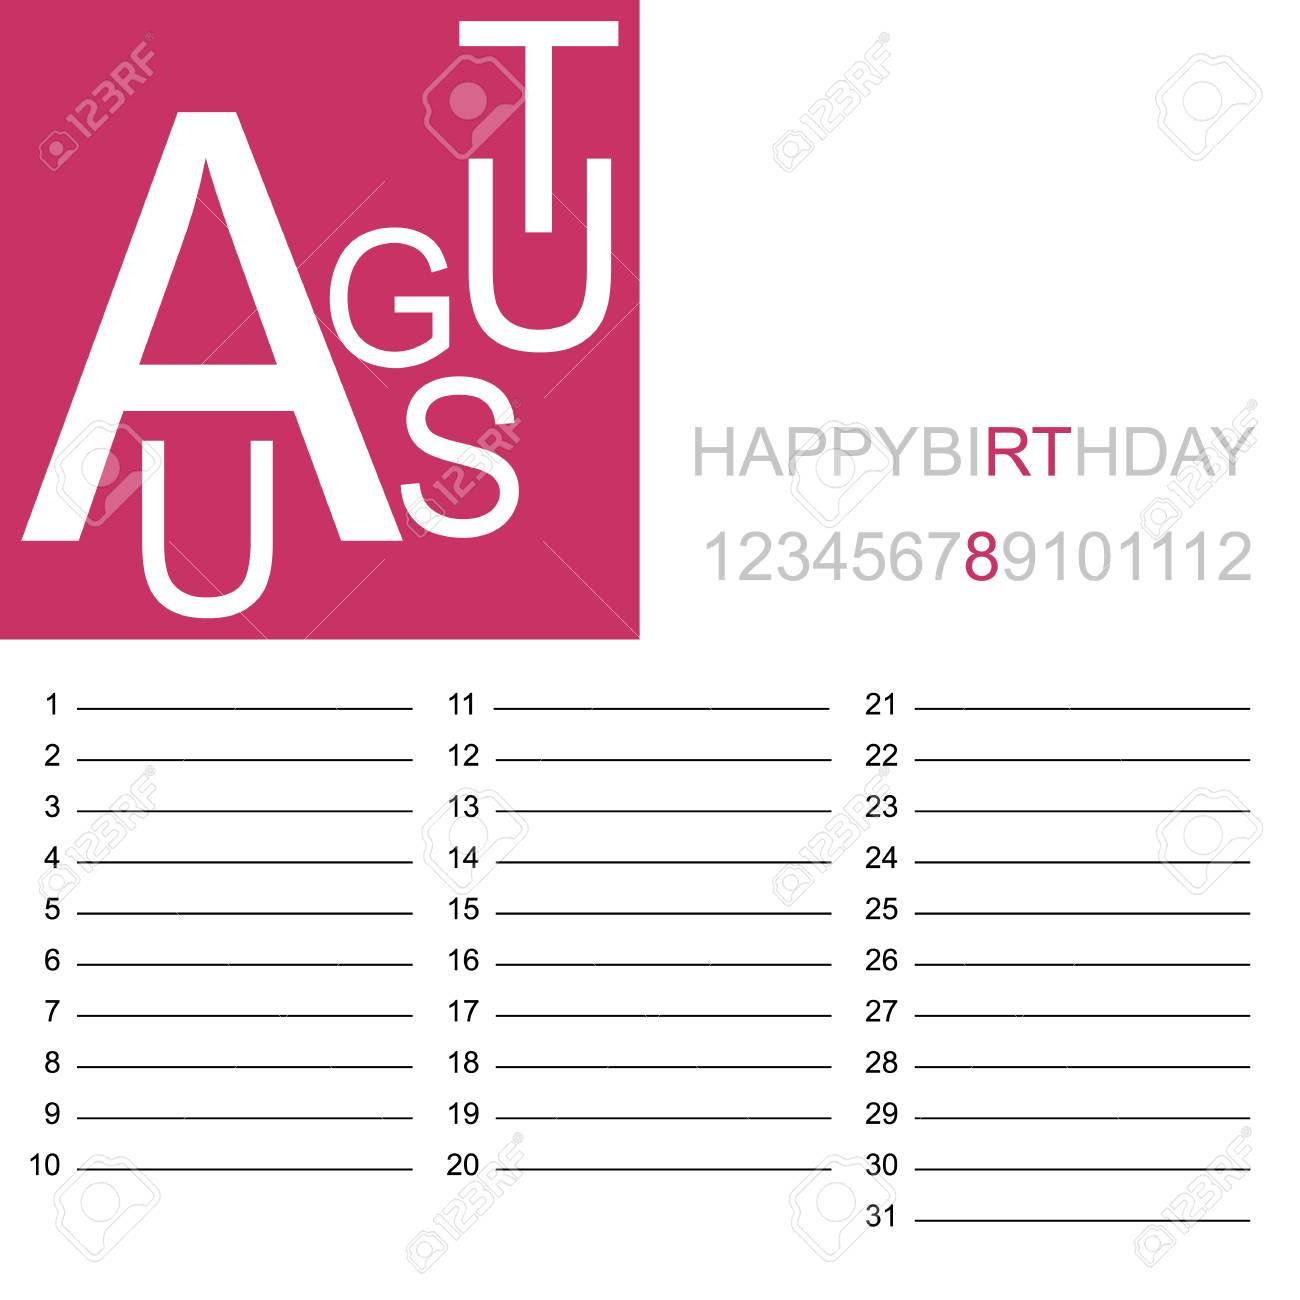 Birthday Calendar.A Jazzy Birthday Calendar August Isolated On Plain Background